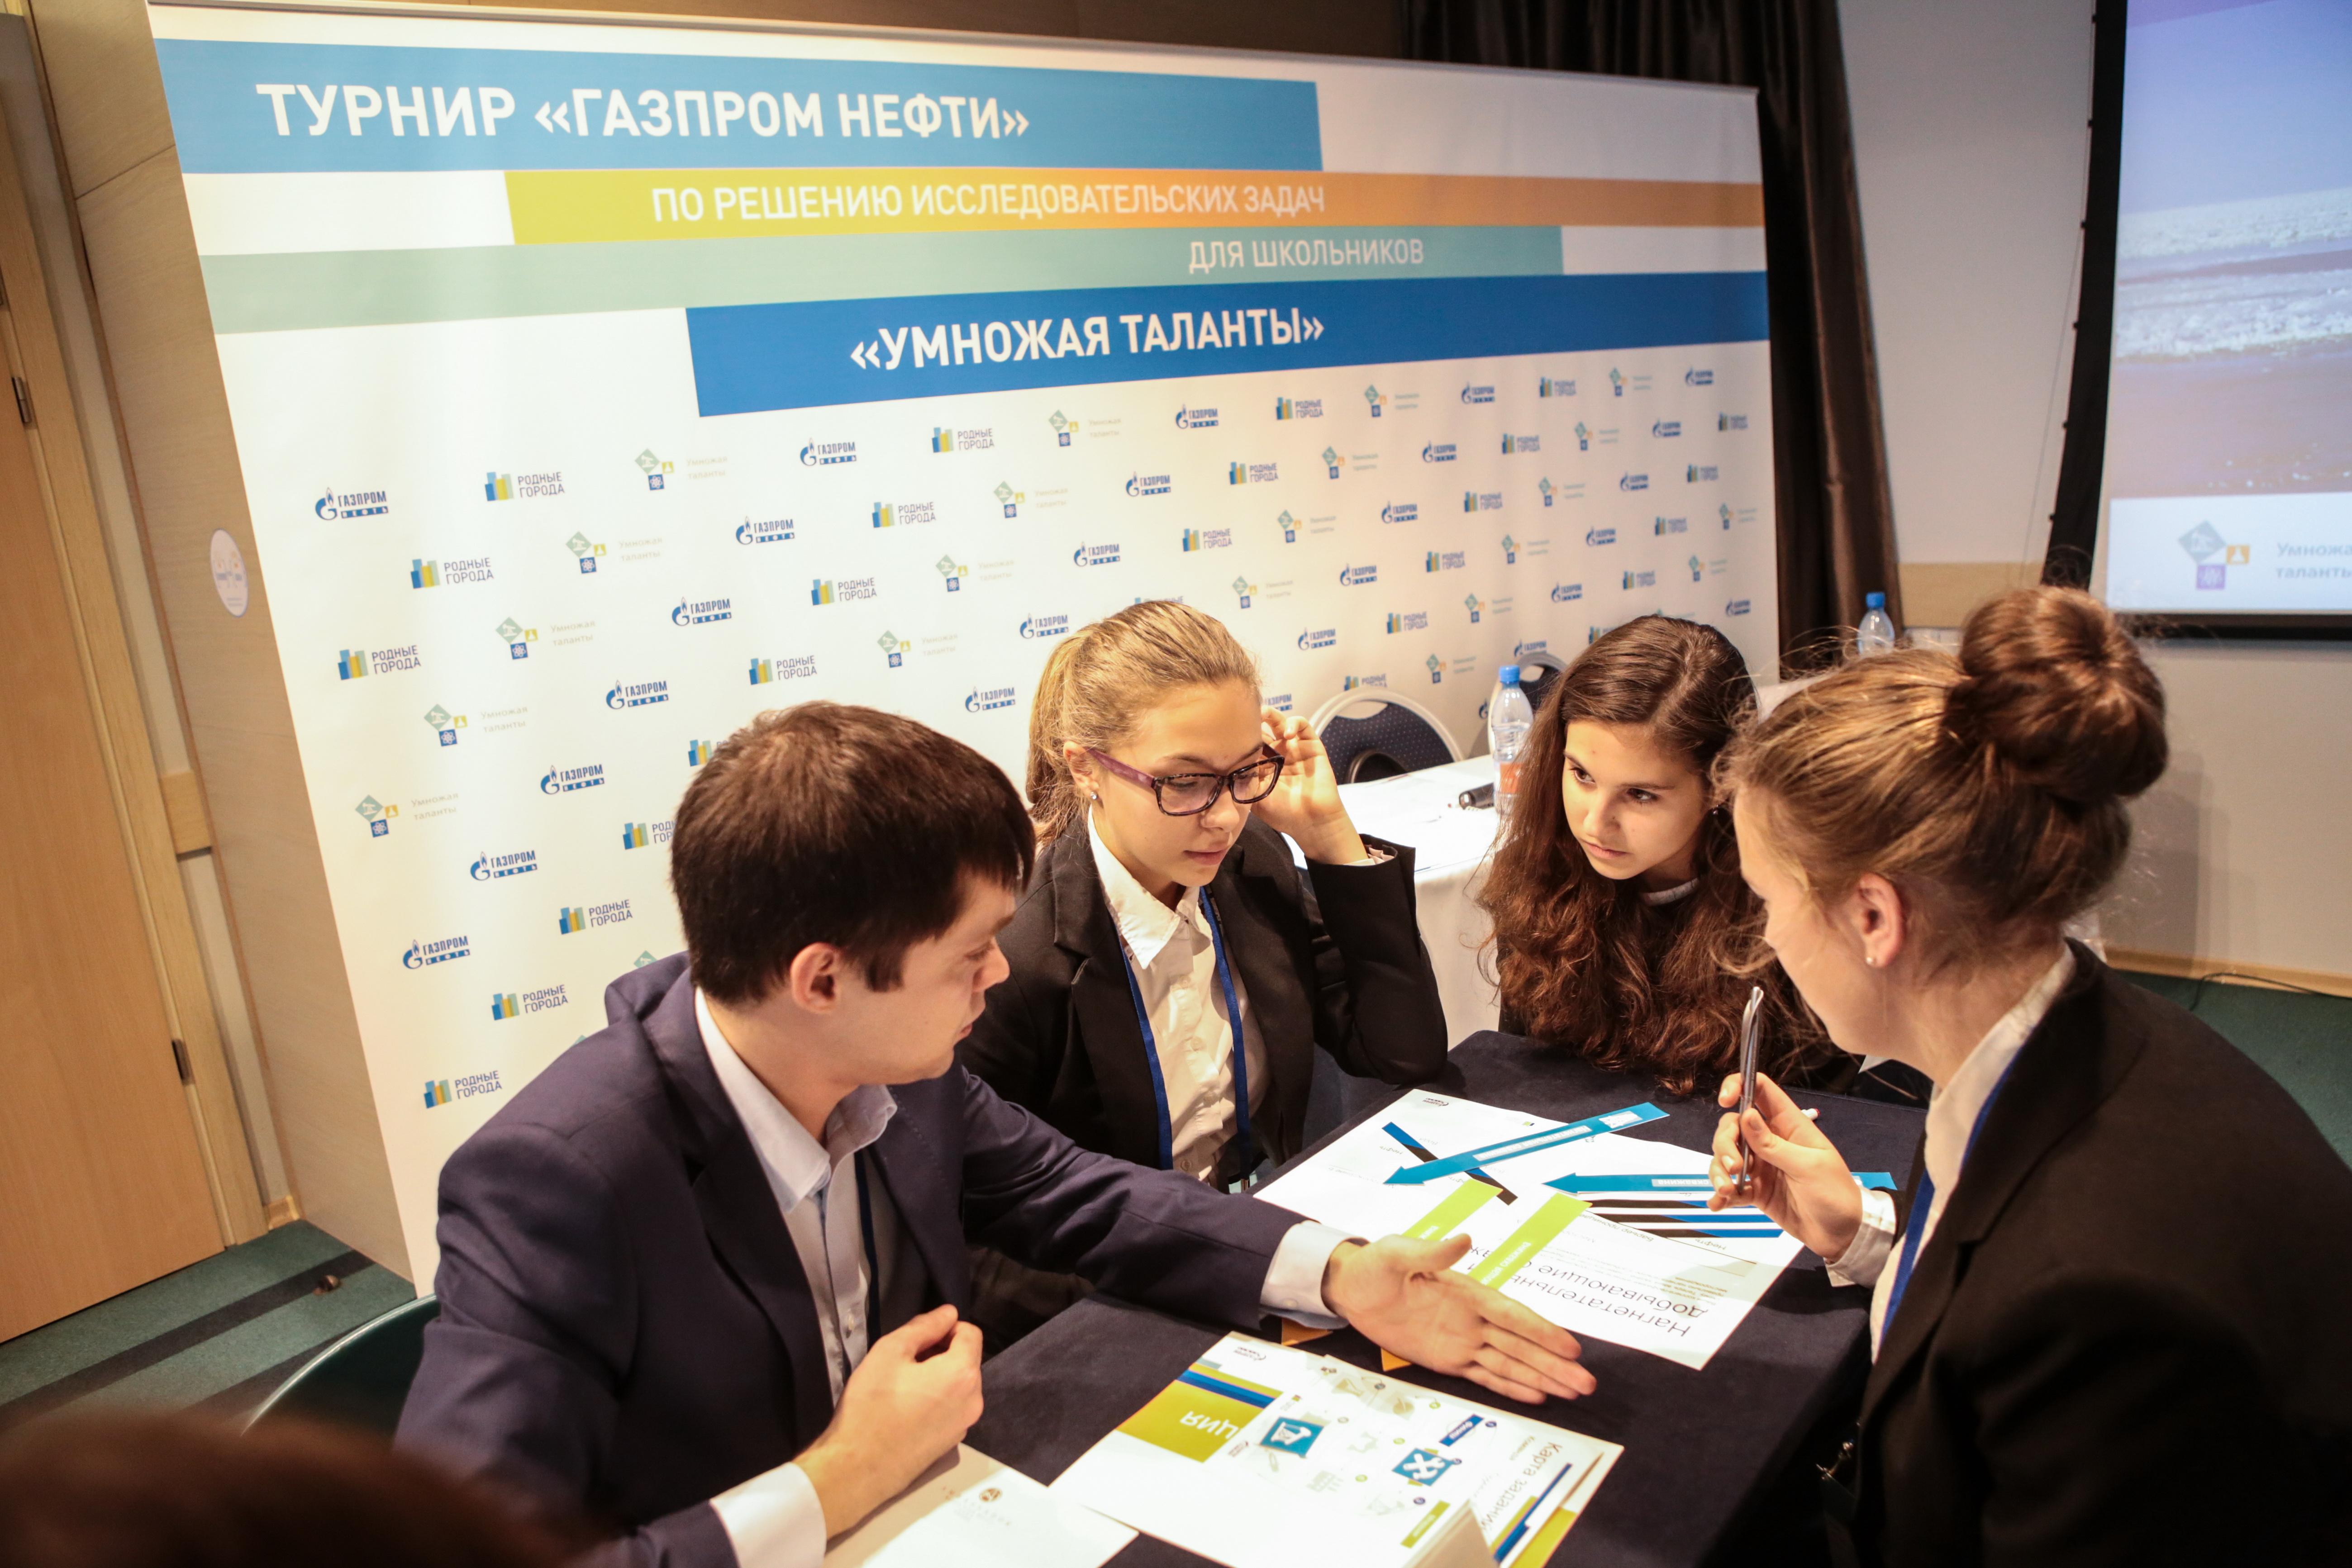 Подведены итоги интеллектуального турнира «Газпром нефти» для старшеклассников «Умножая таланты»